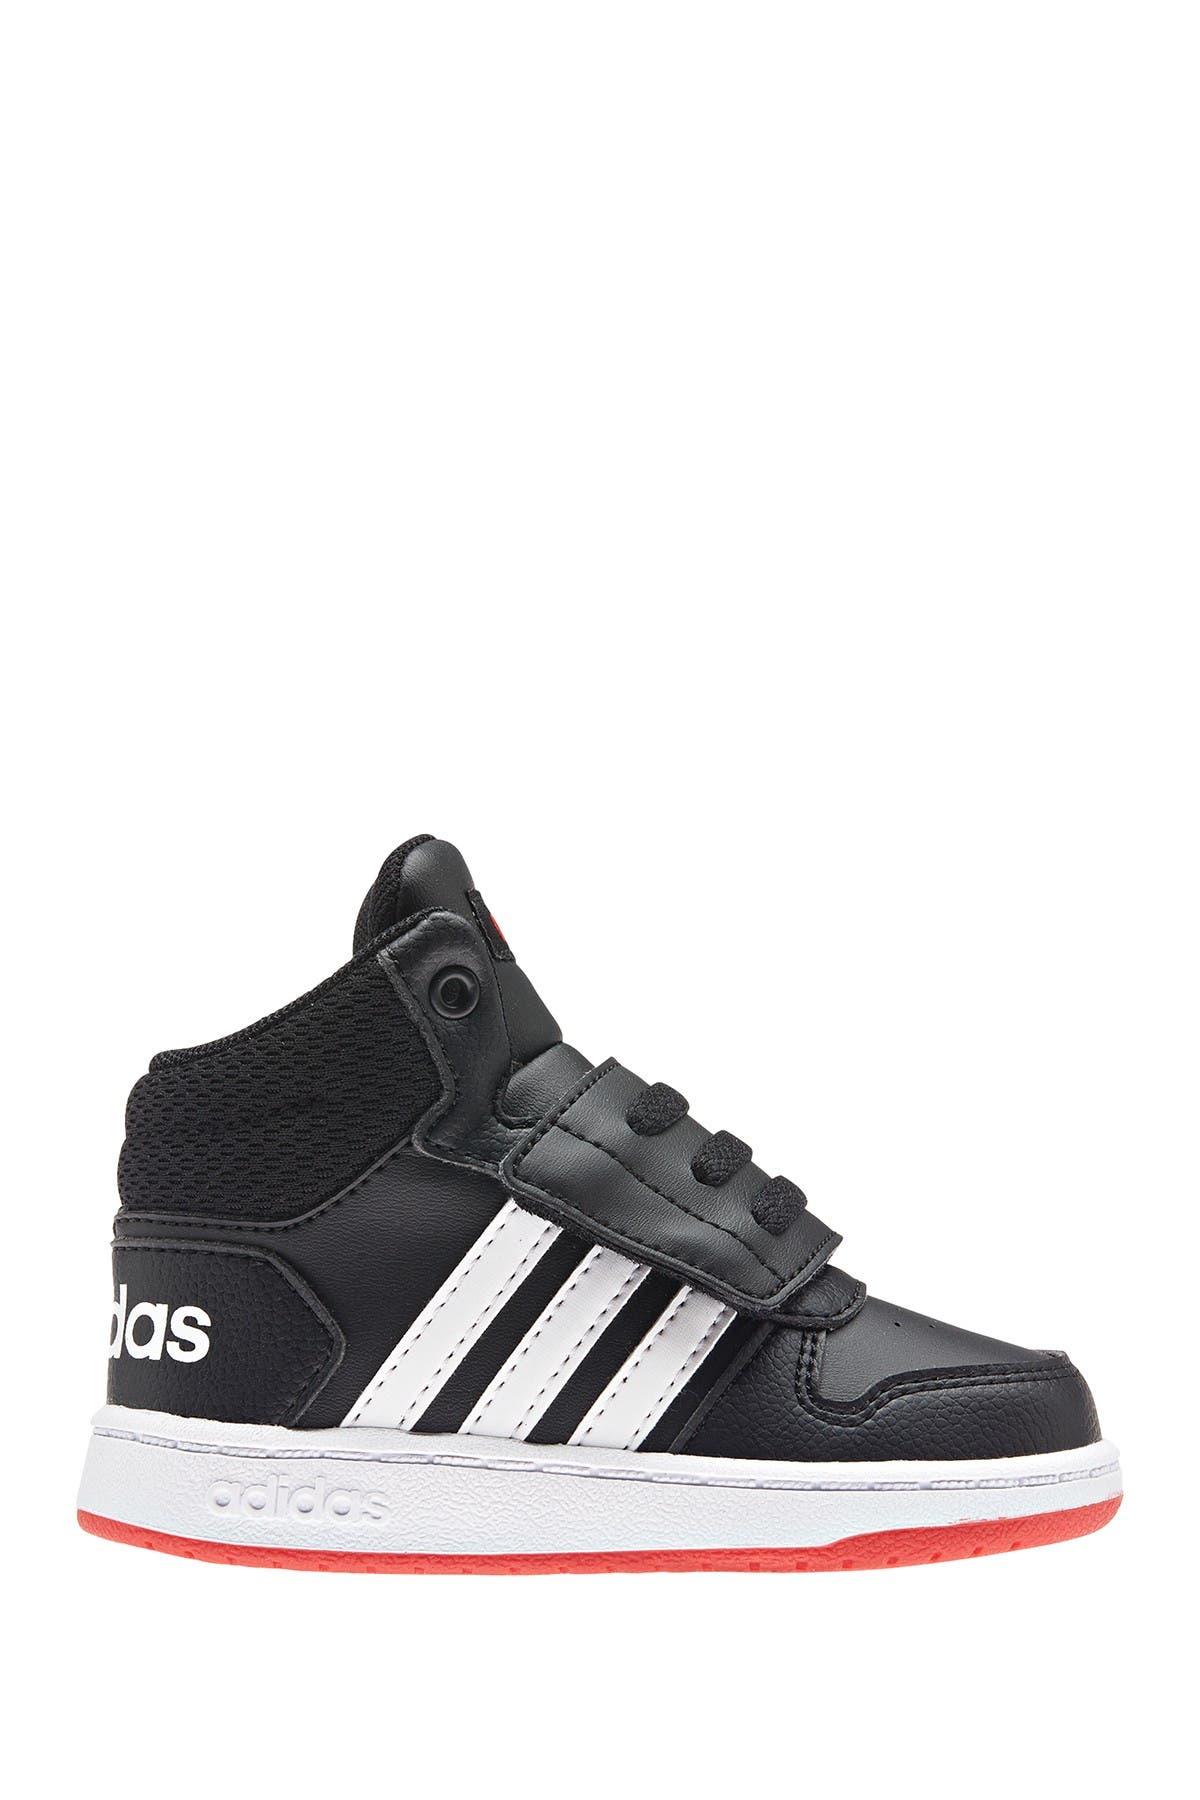 Image of adidas Hoops Mid 2.0 Sneaker